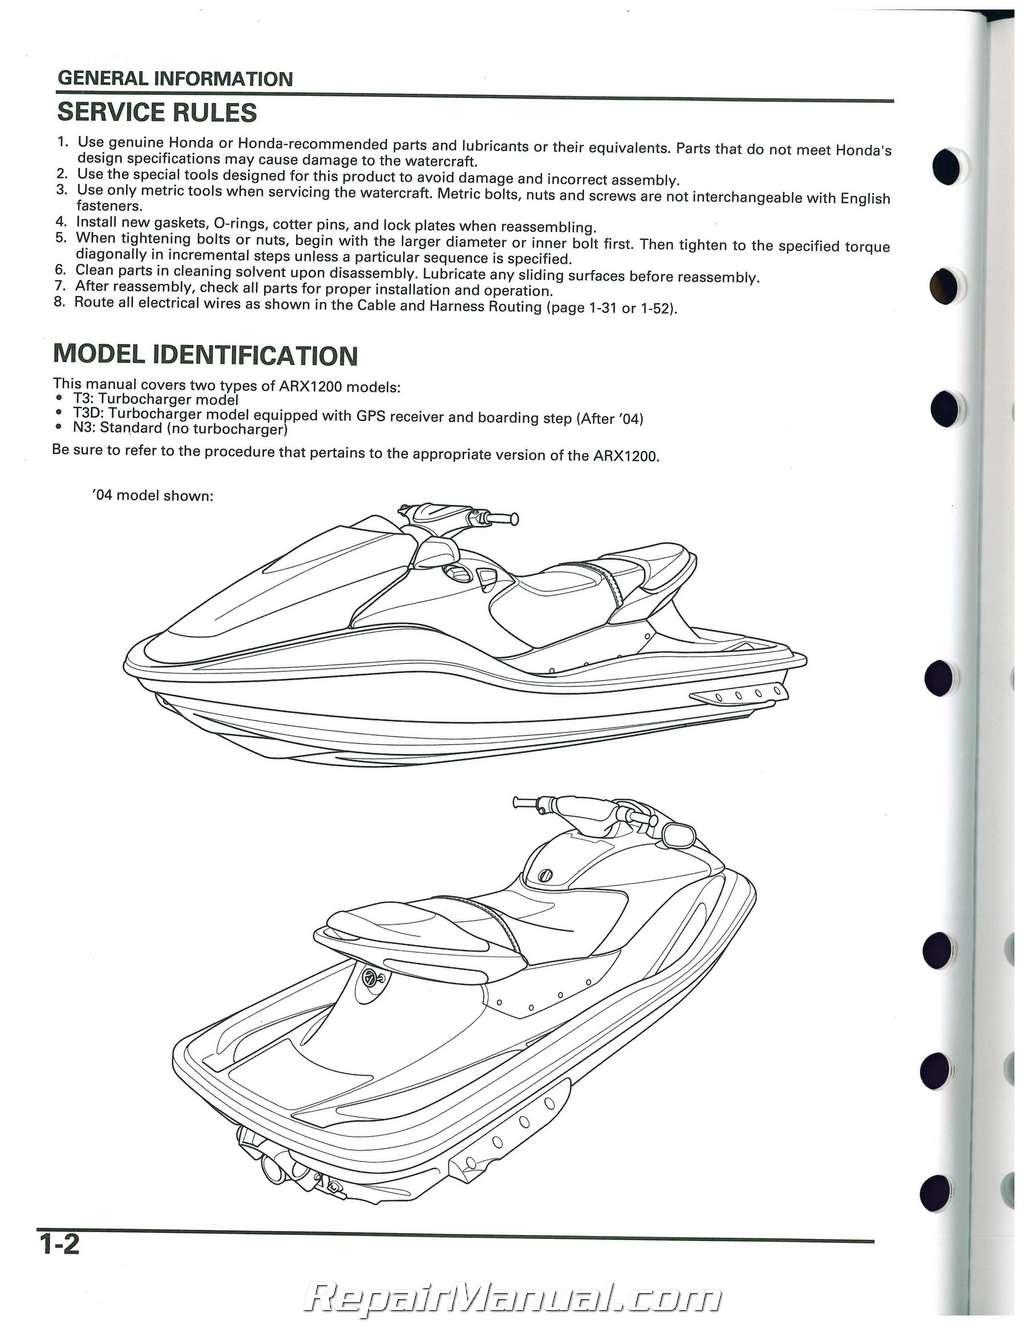 2004-2007 Honda ARX1200 Aquatrax N3 T3 T3D Owners Service